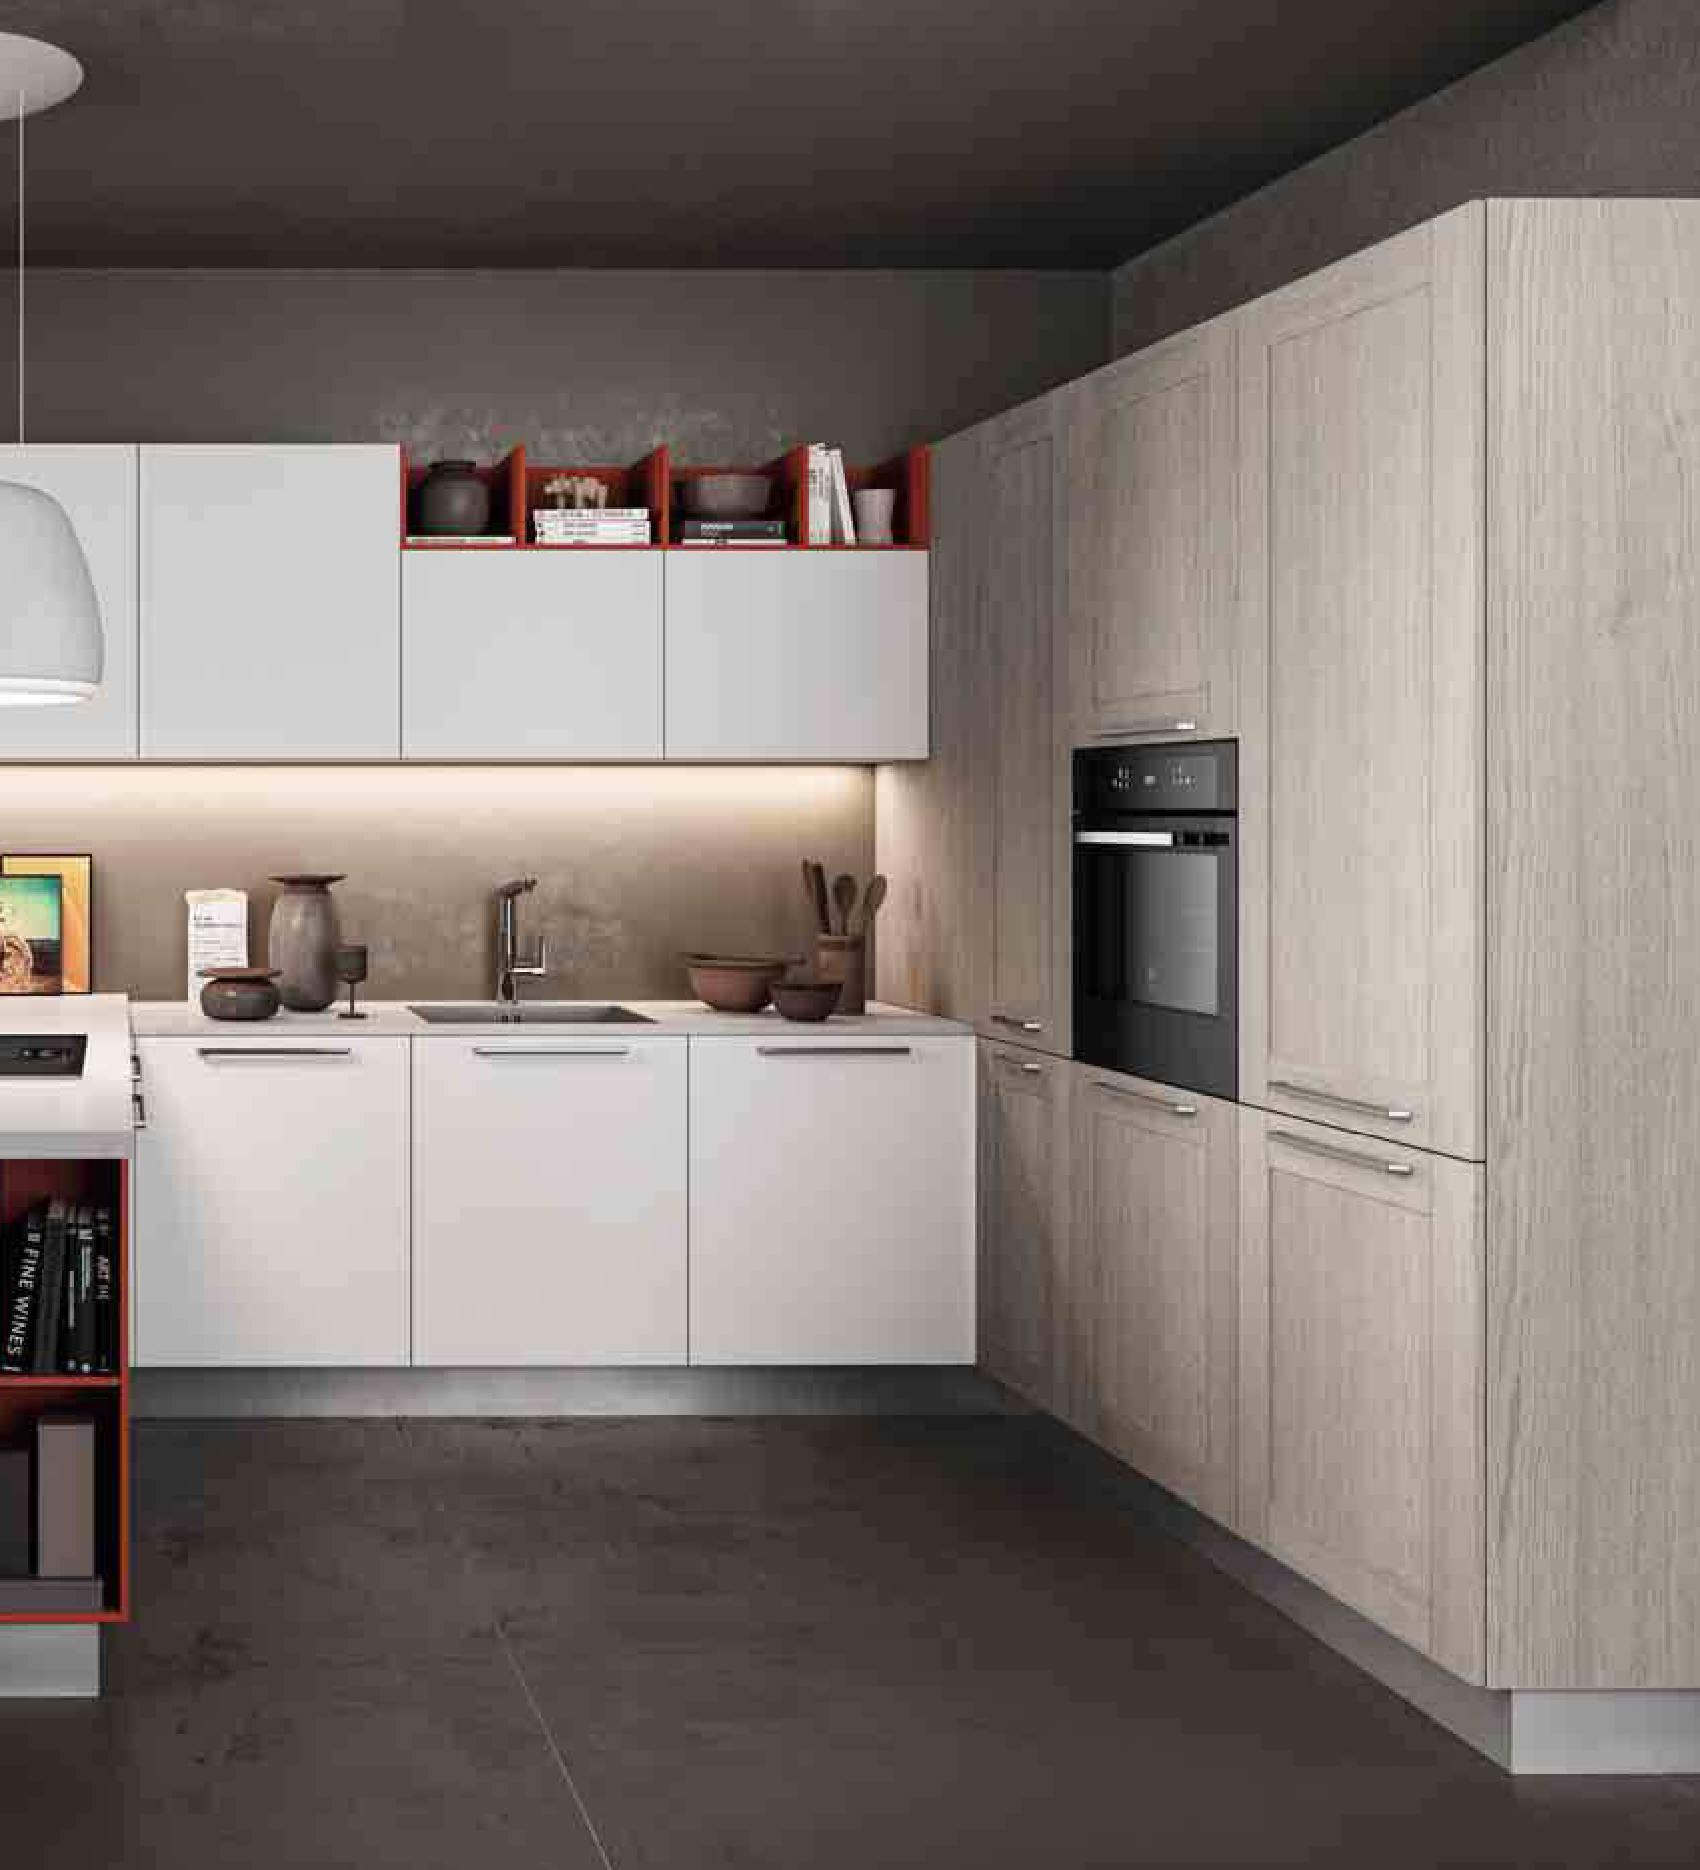 Cucina Cloe Arredo3 - catalogo sfogliabile interattivo